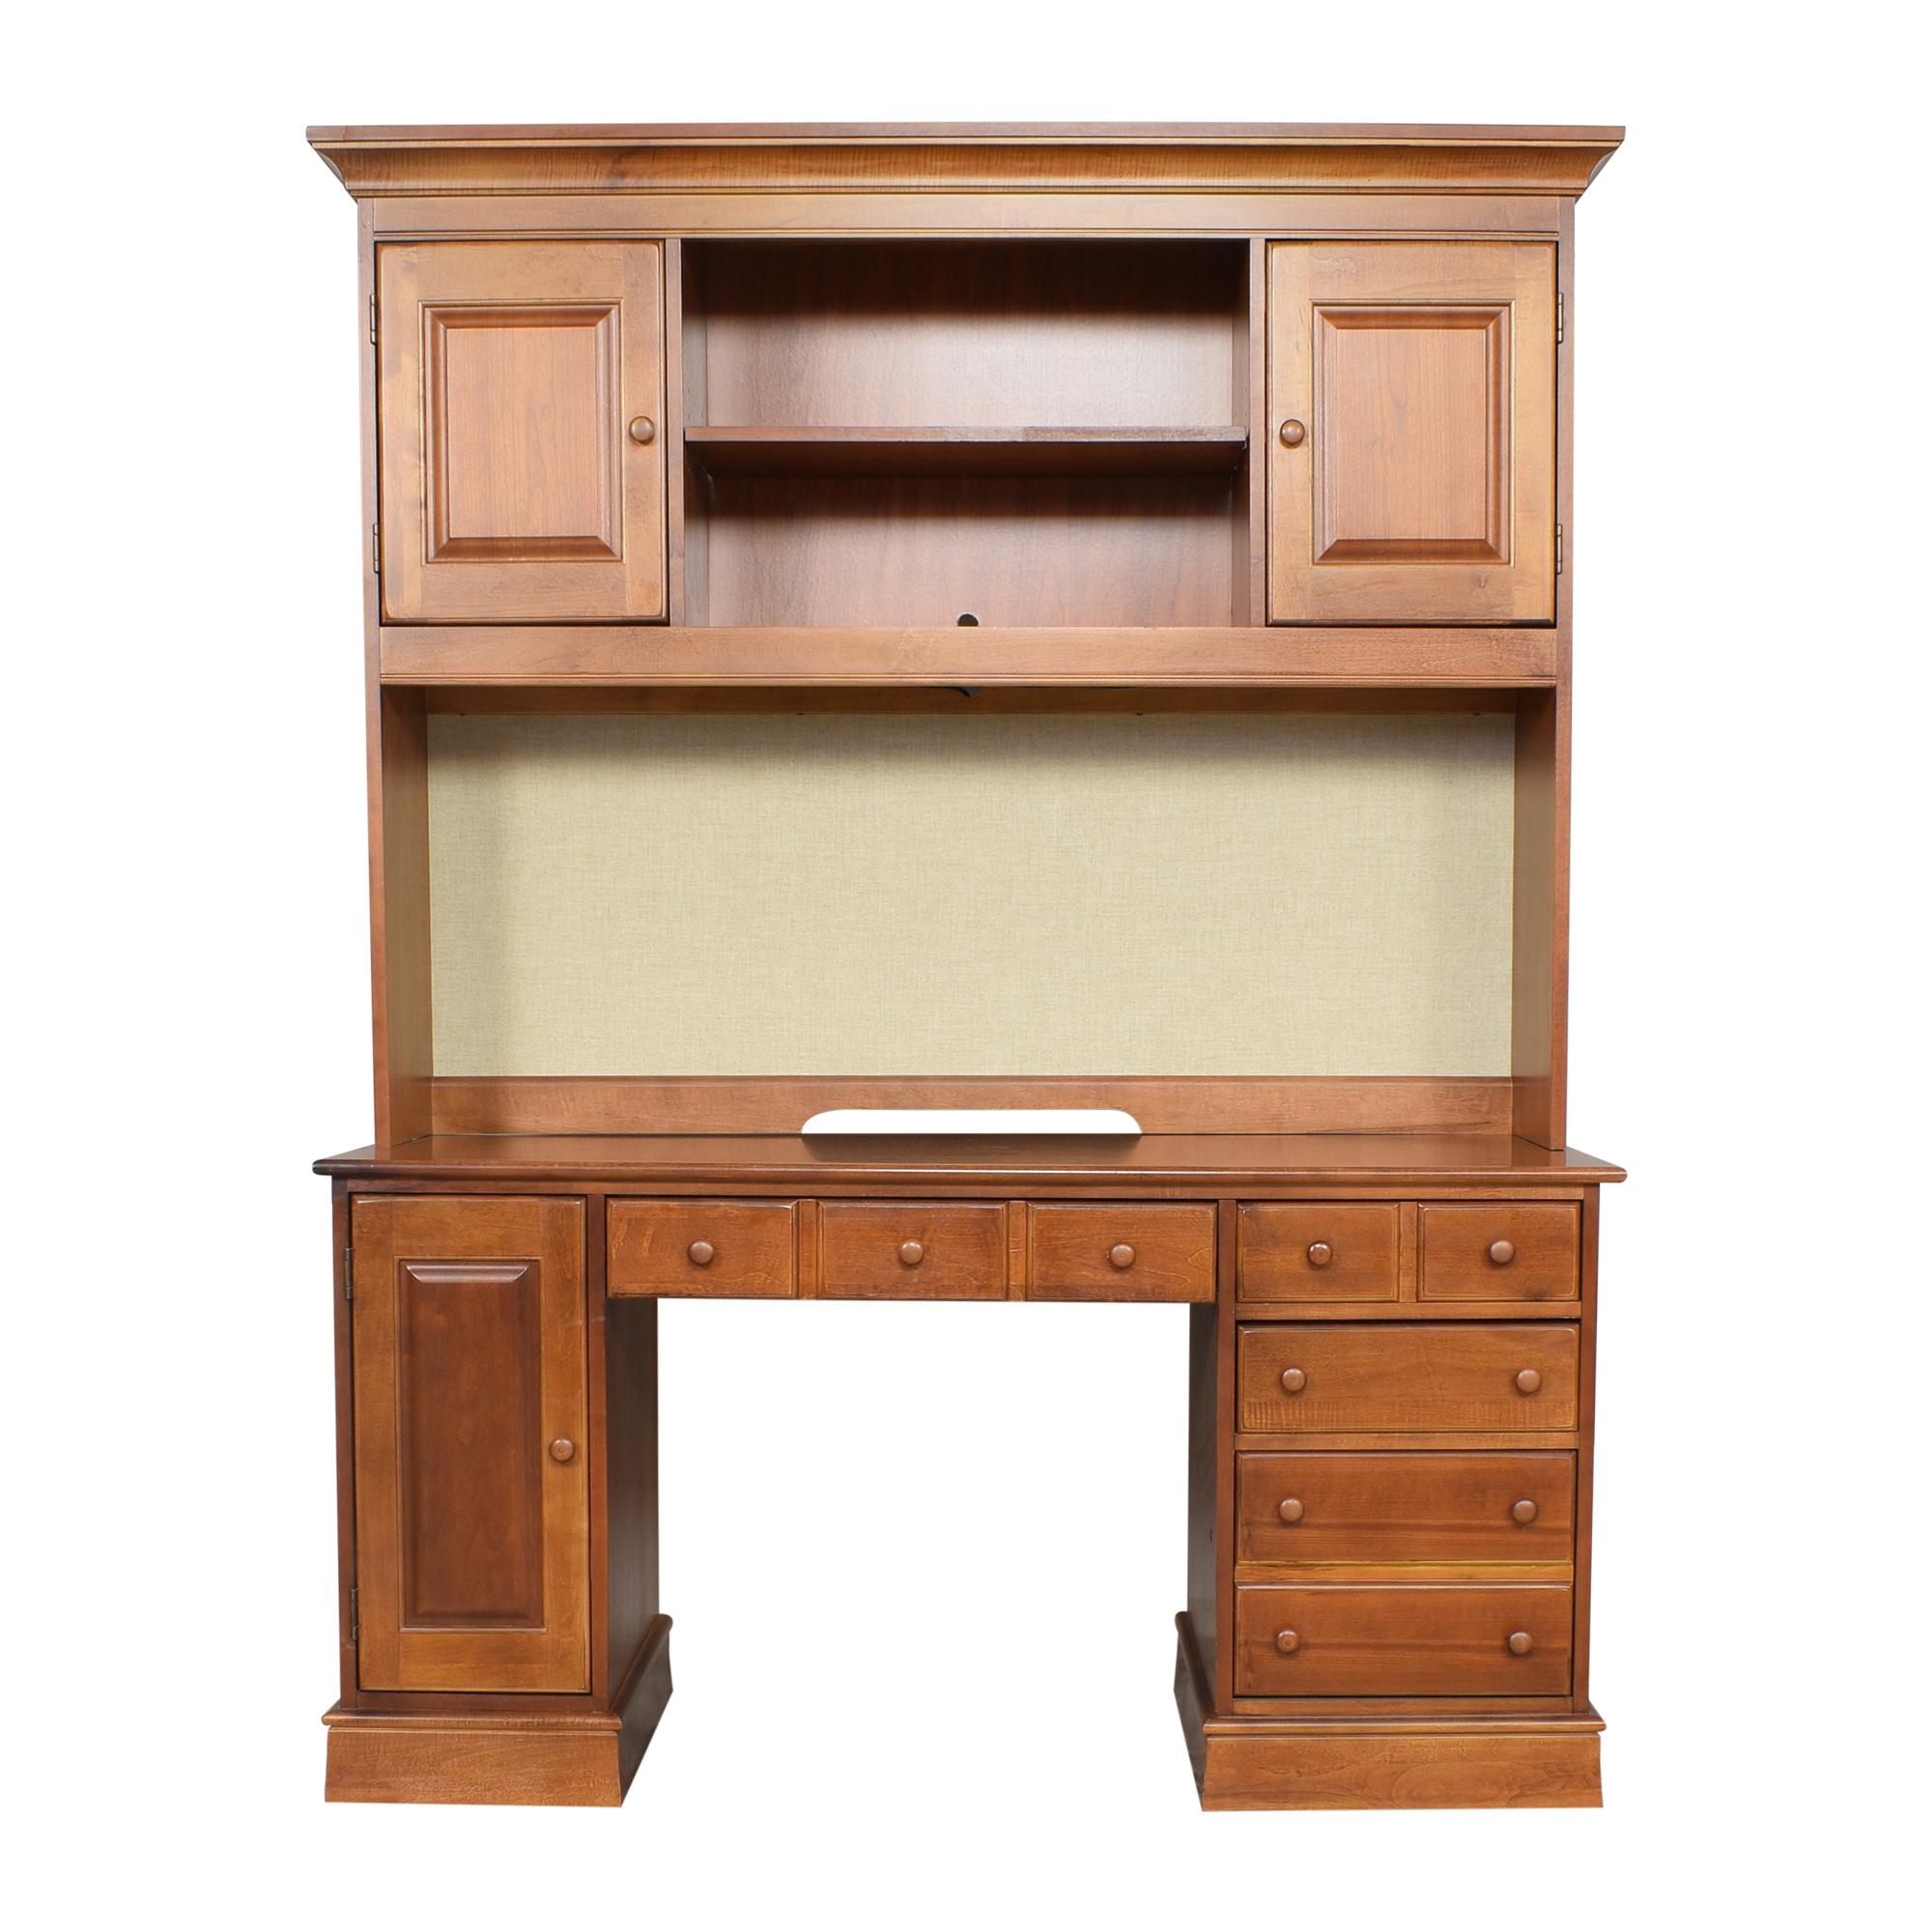 Hooker Furniture Hooker Furniture Hutch Desk price